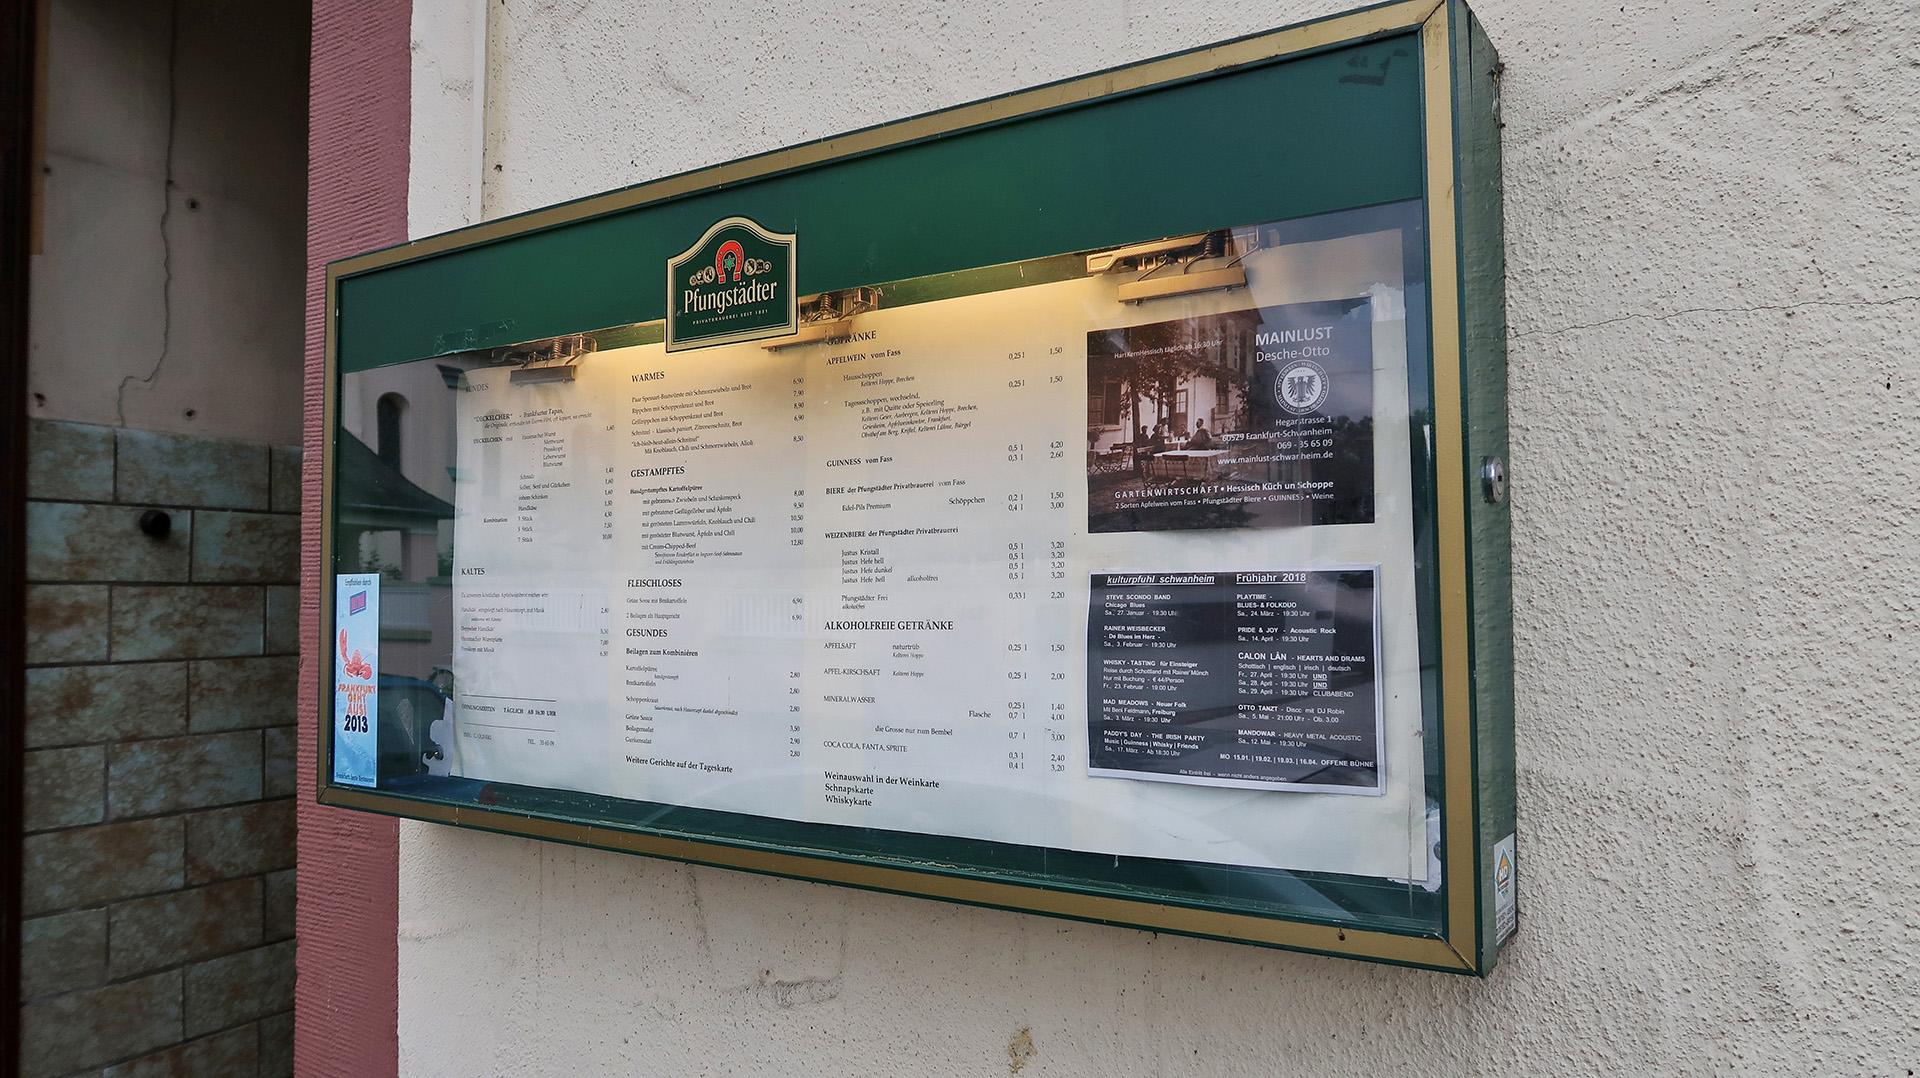 sway the way frankfurt mainlust desche otto restauracja9